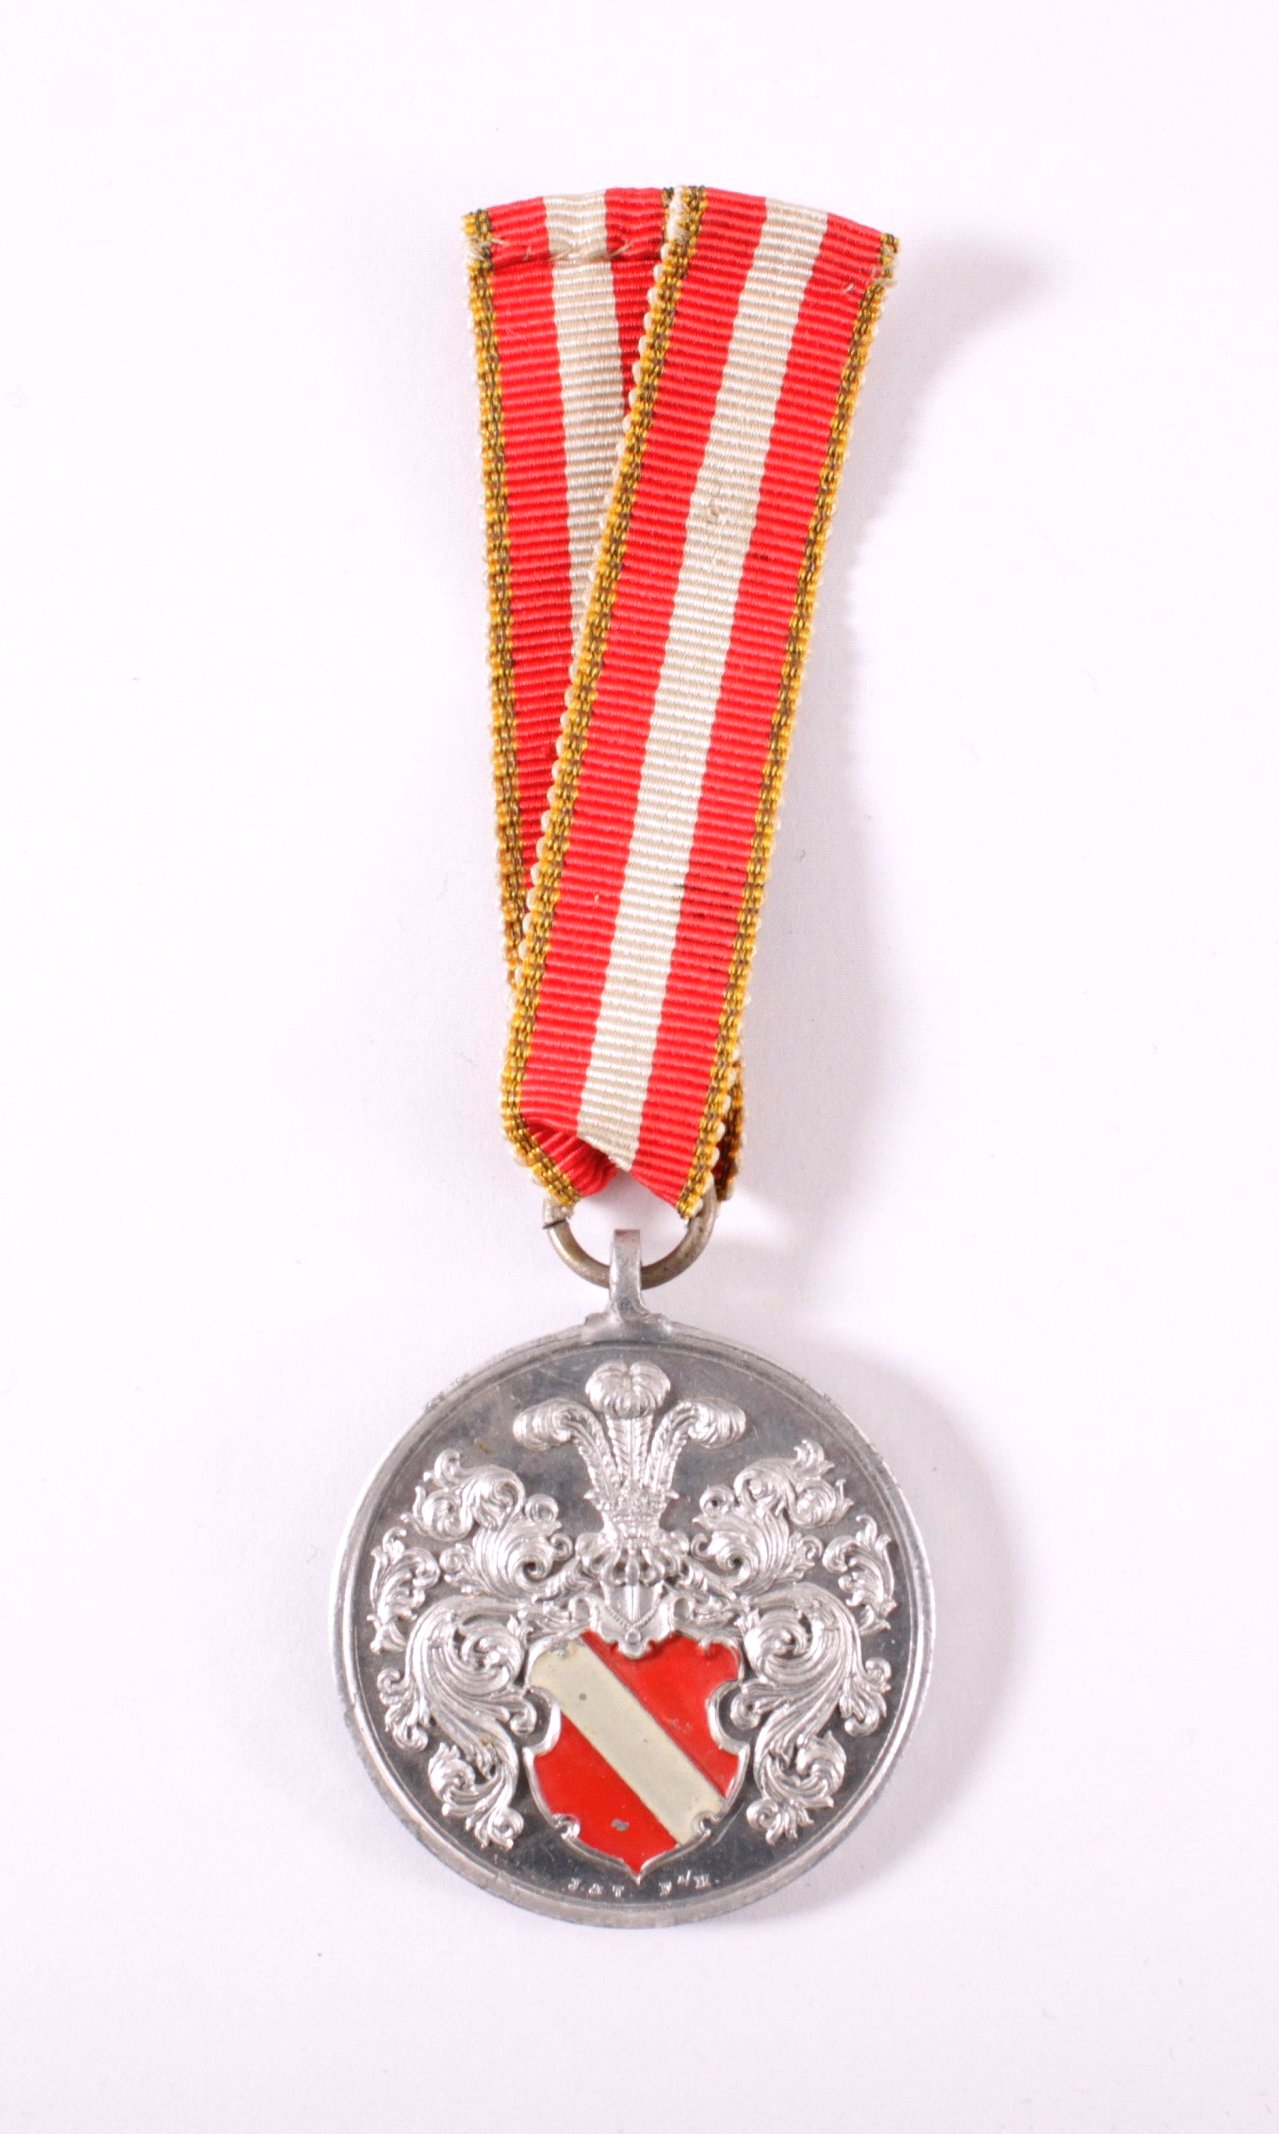 Aluminium Medaille Akademischer Verband Darmstadt 1912